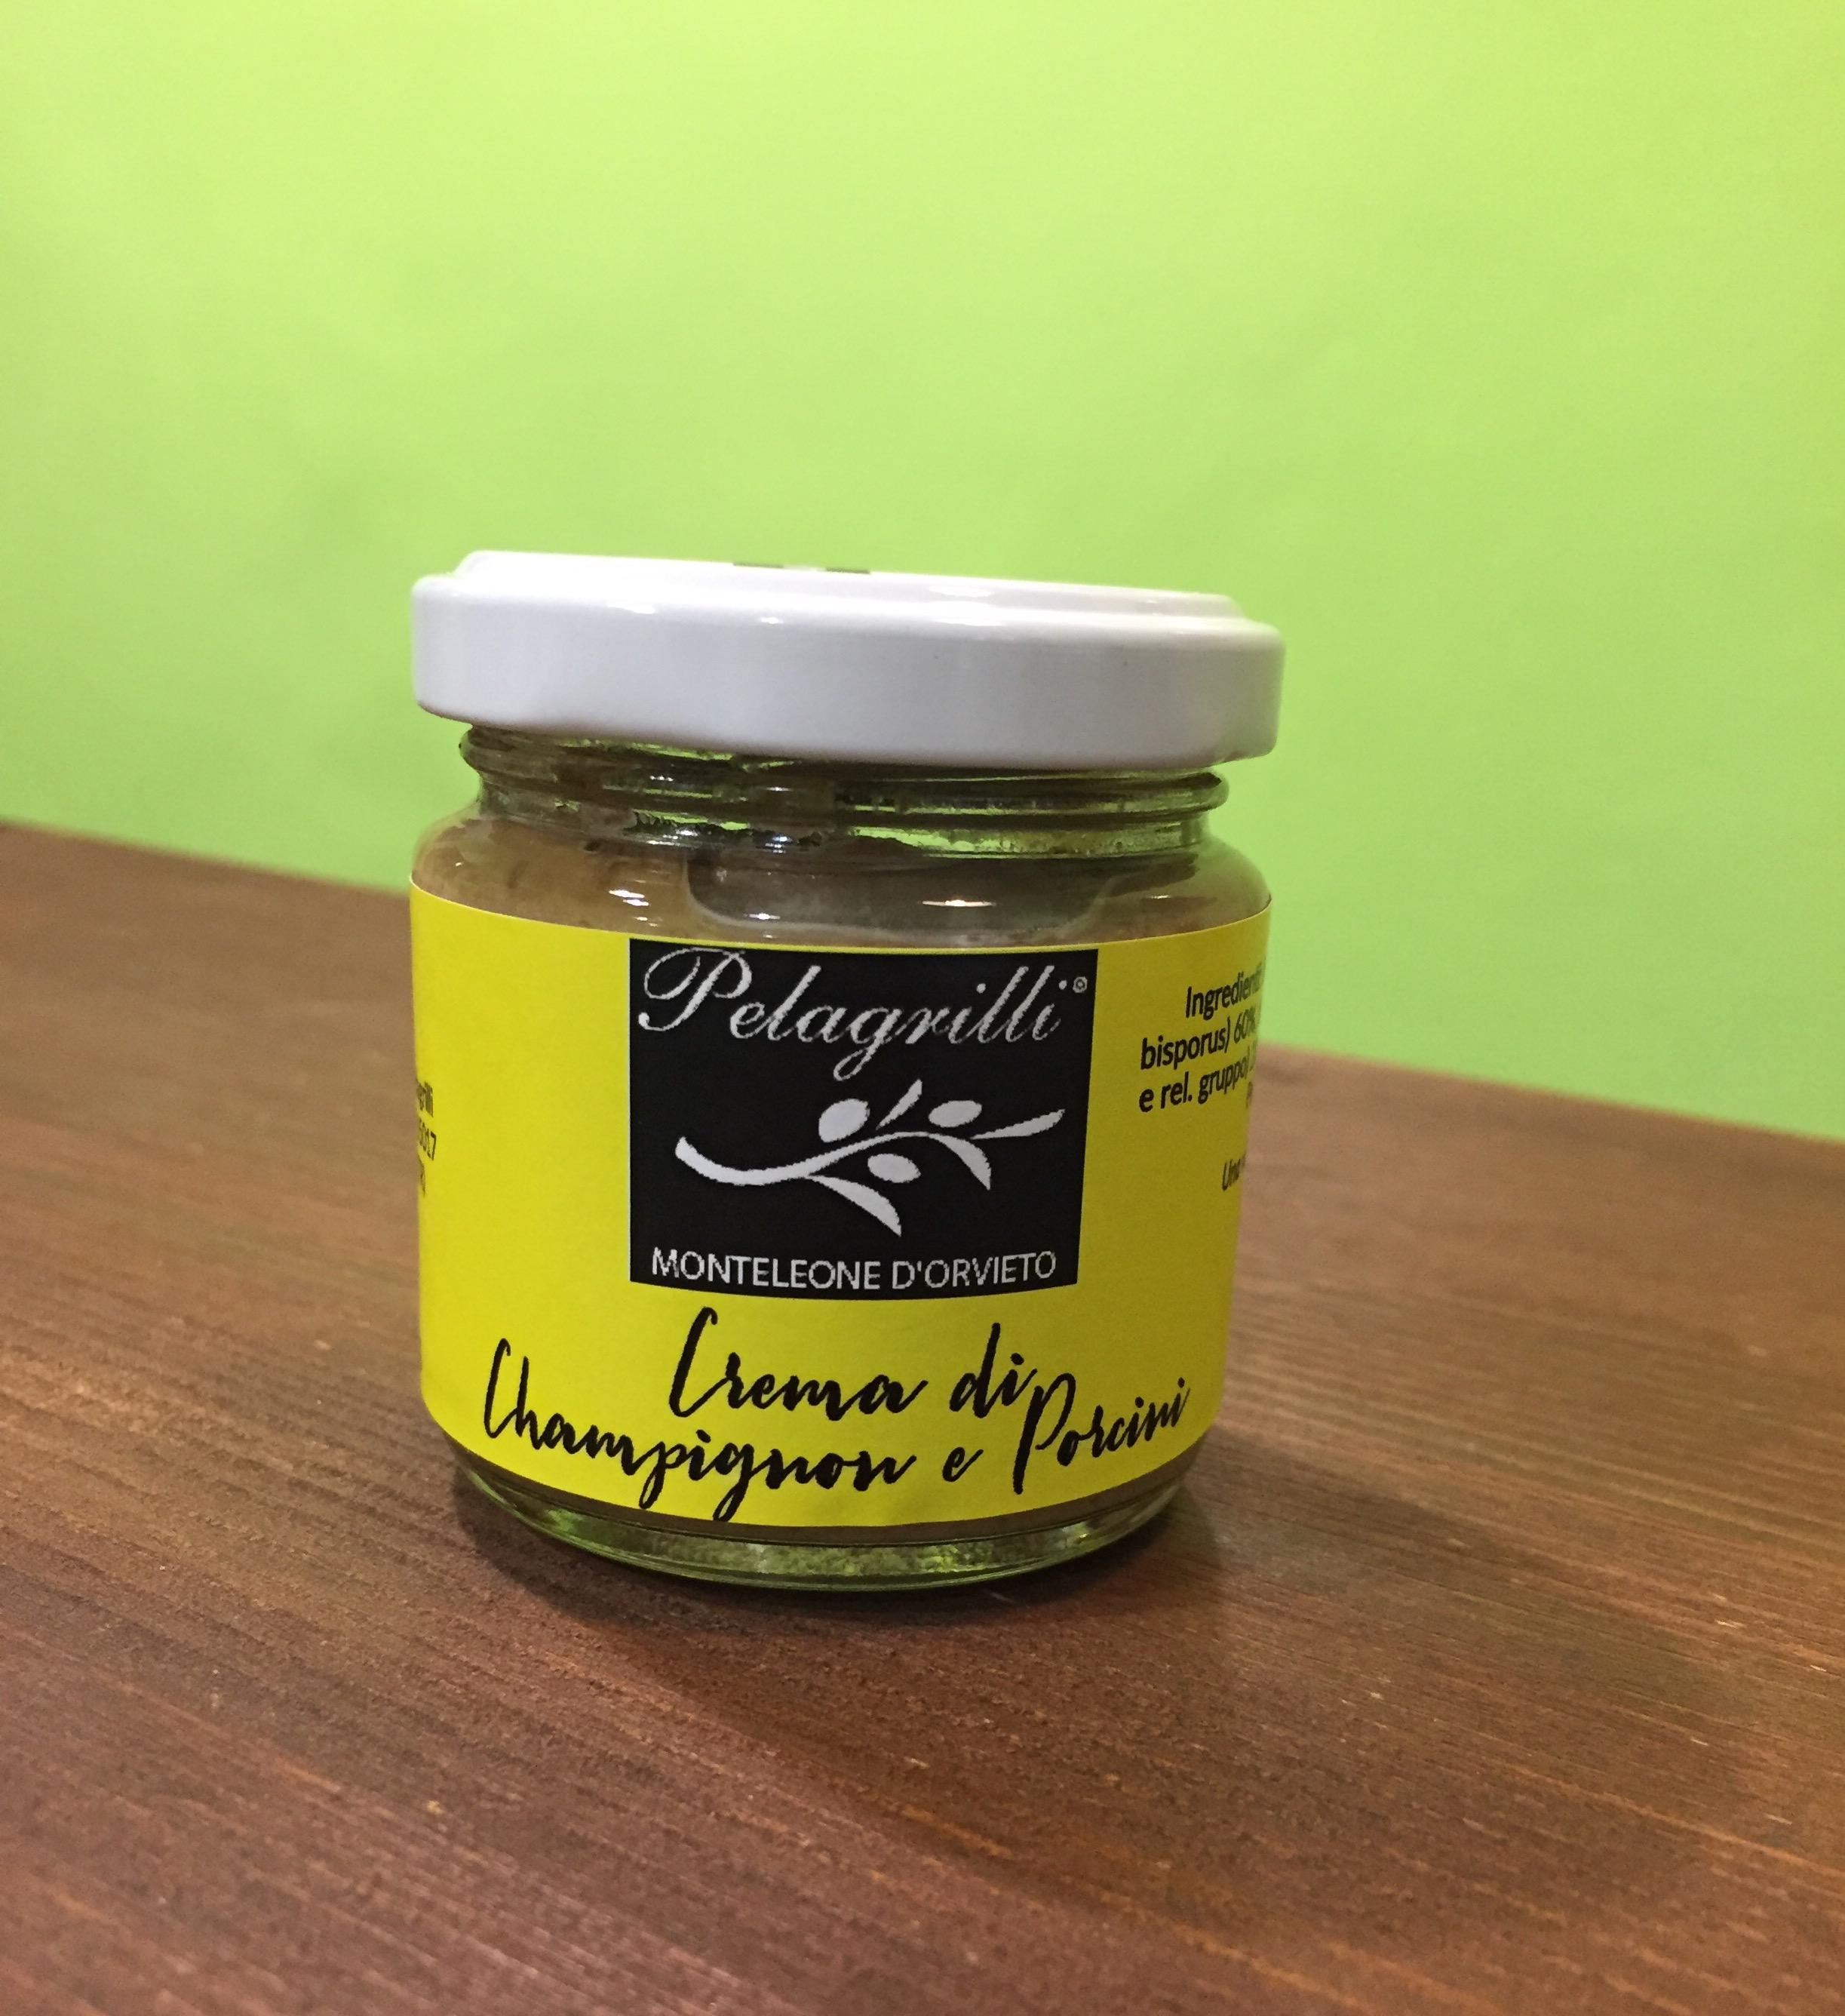 Crema di Champignon e Porcini con olio extra vergine di oliva Pelagrilli